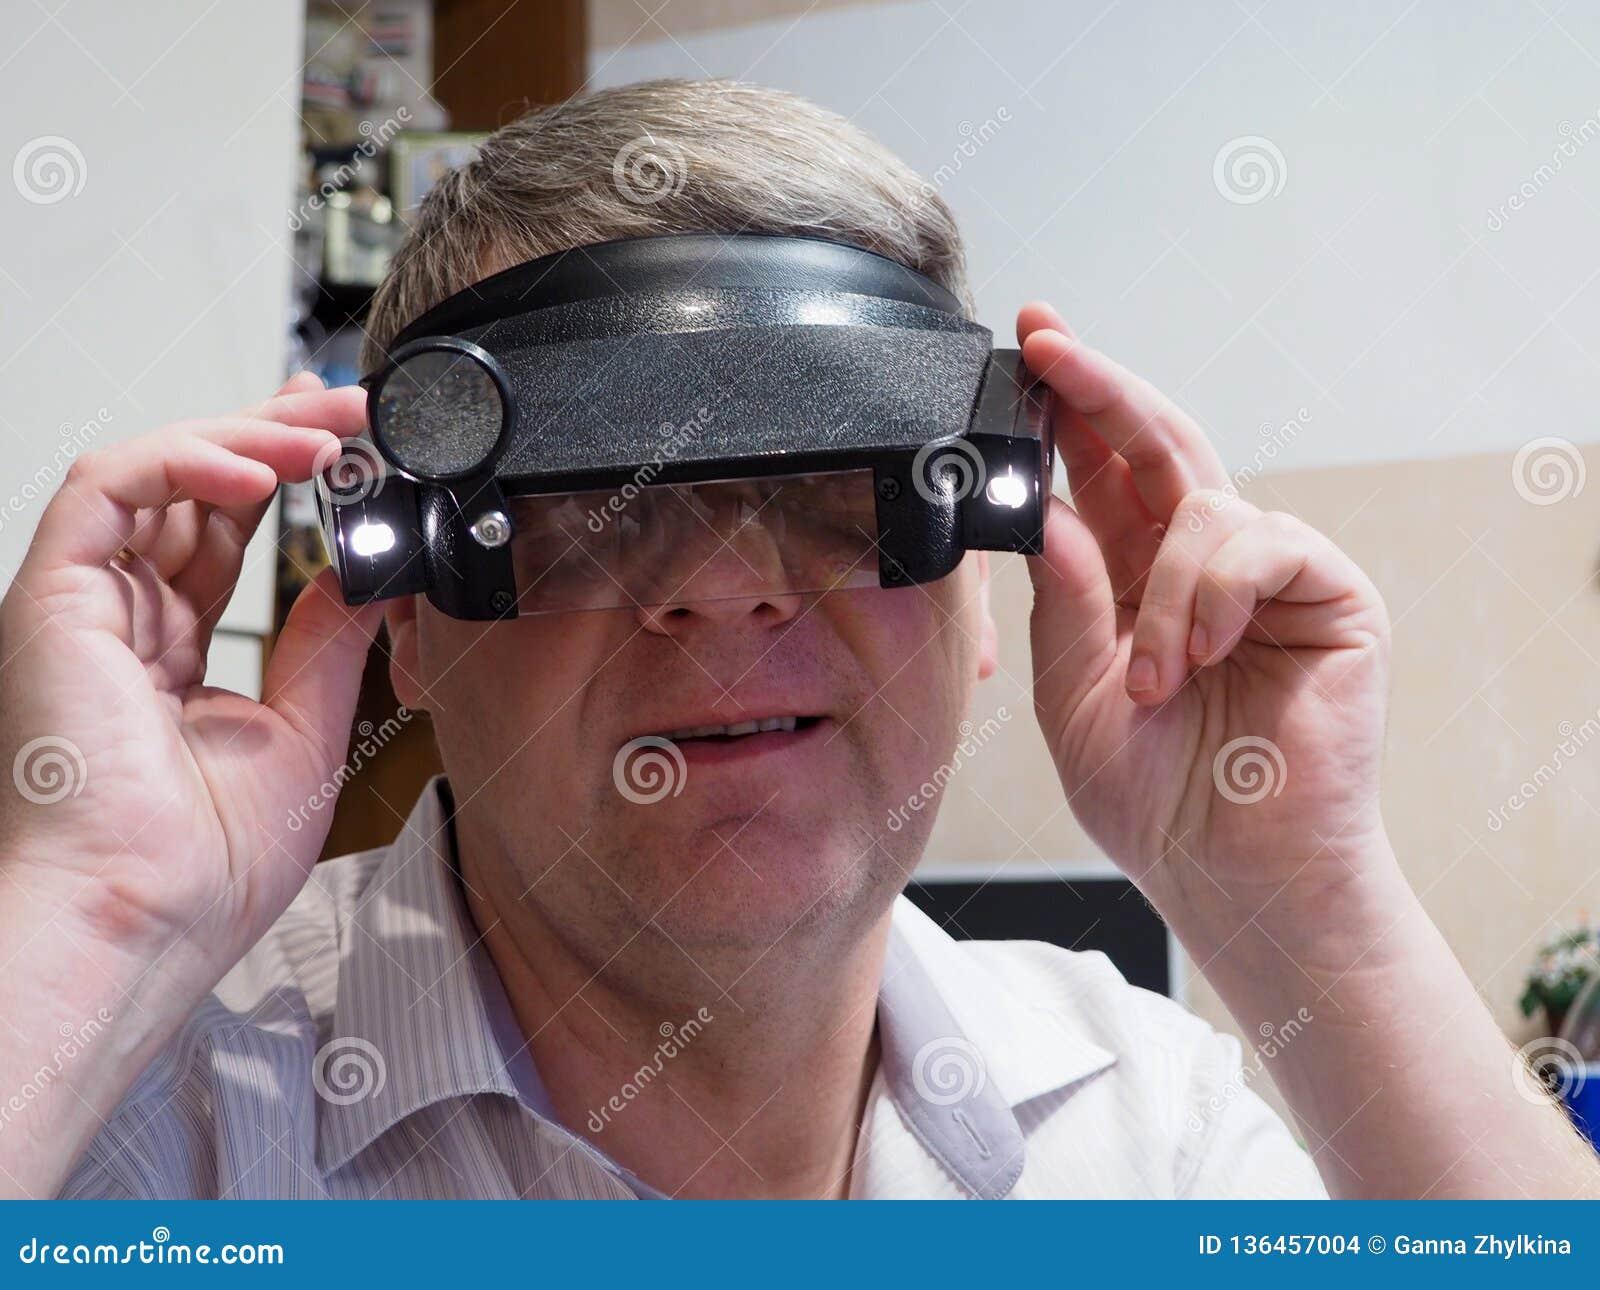 Mannen ser in i den optiska apparaten